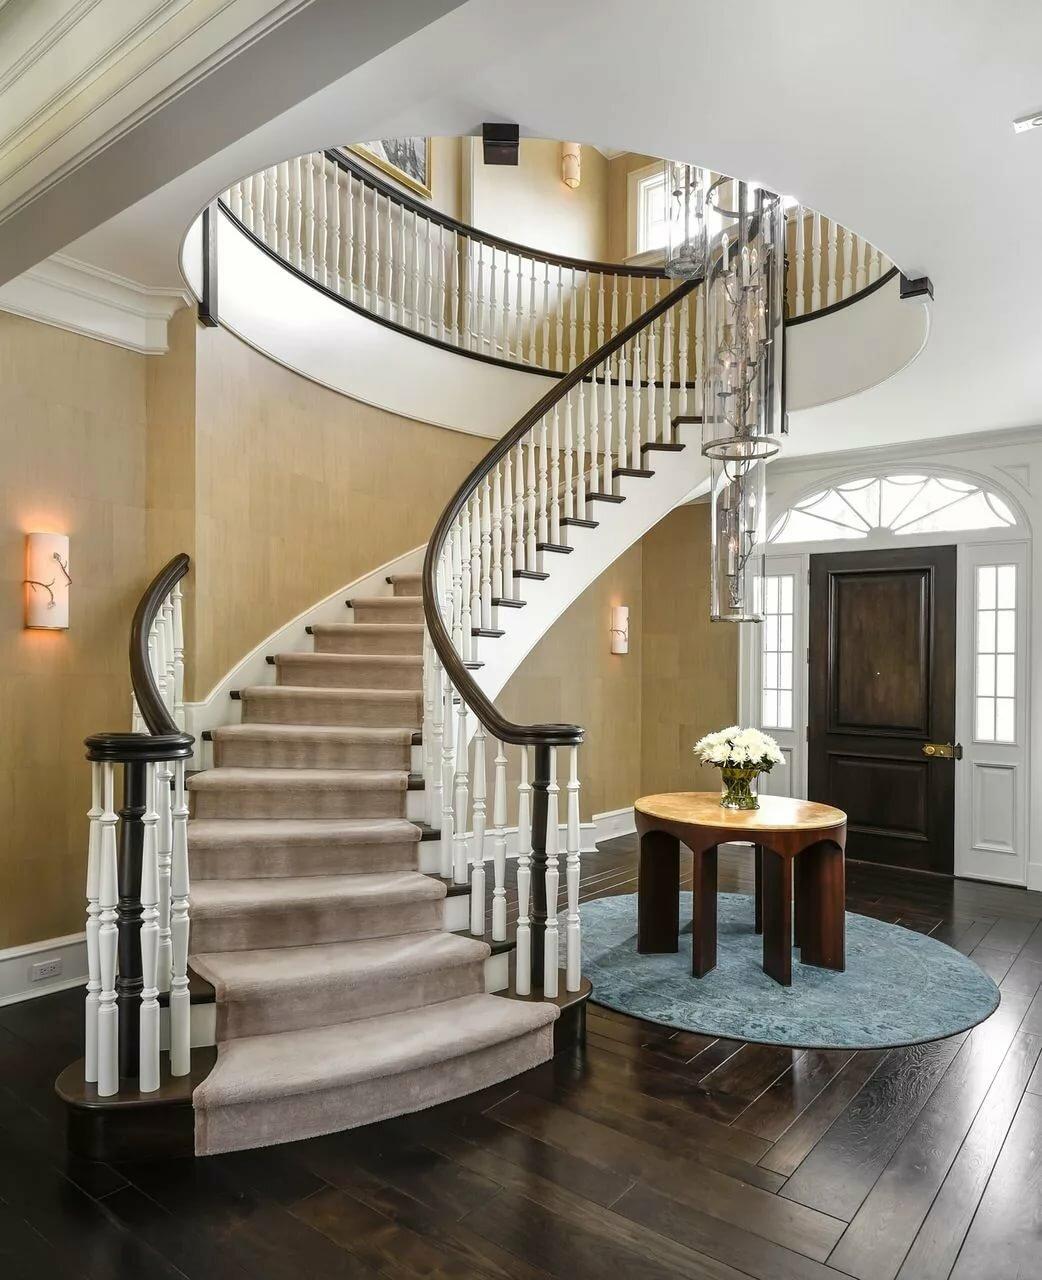 бывают такие дизайн лестницы в картинках проблемы при